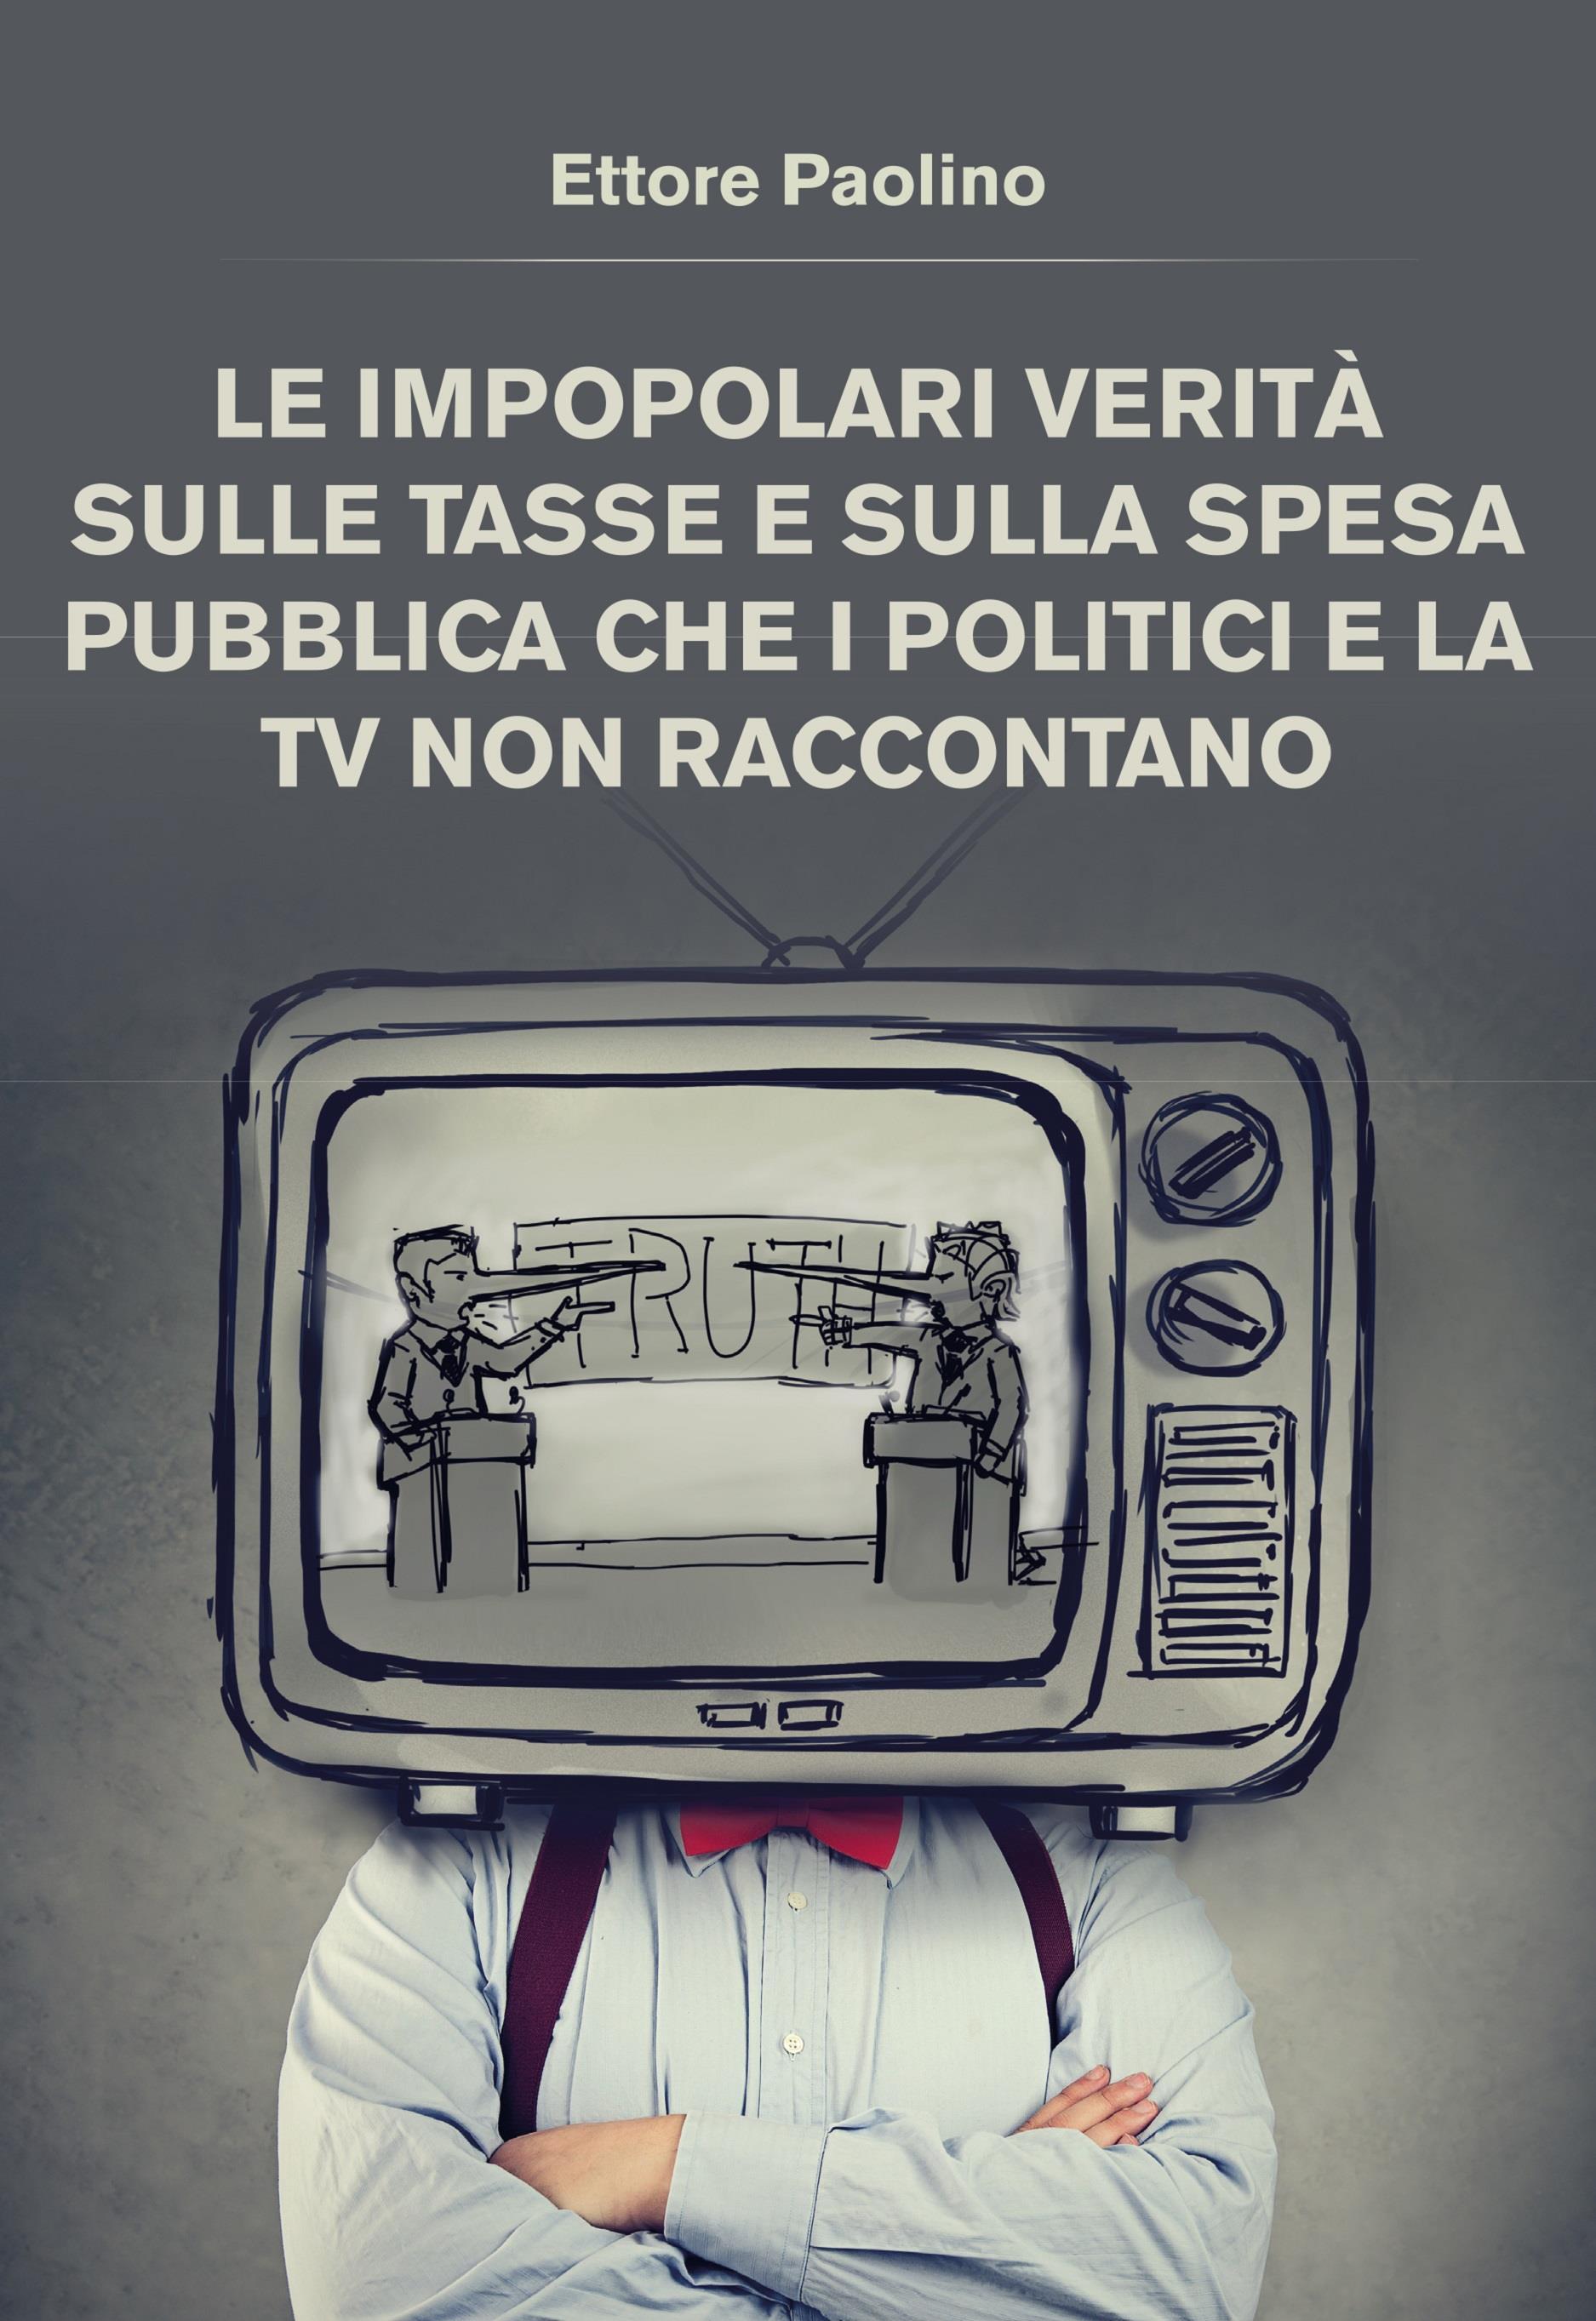 Le impopolari verità sulle tasse e sulla spesa pubblica che i politici e la tv non raccontano